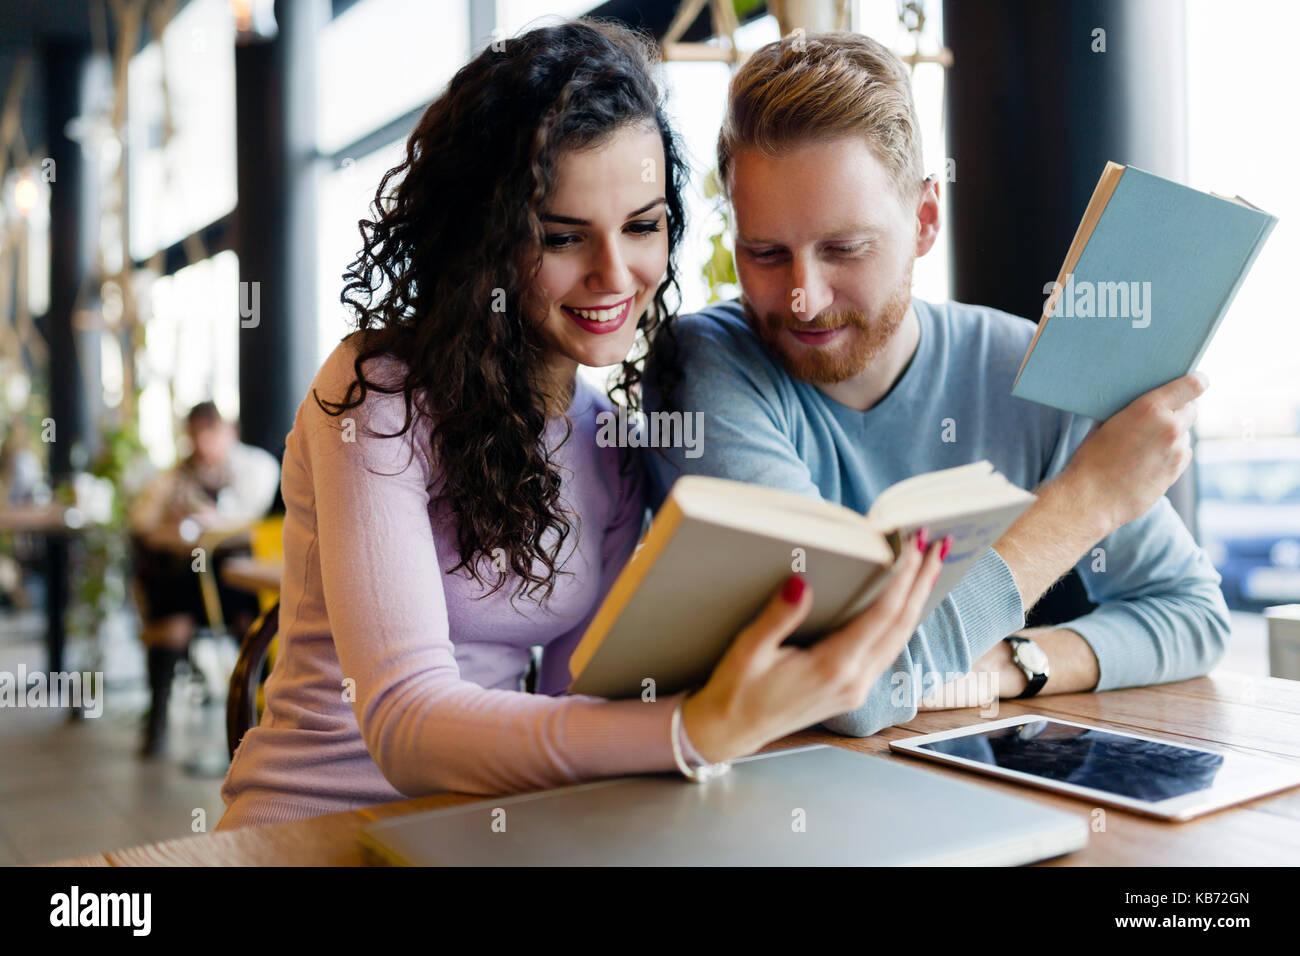 Los jóvenes estudiantes dedicar tiempo a la lectura de libros en la cafetería. Foto de stock